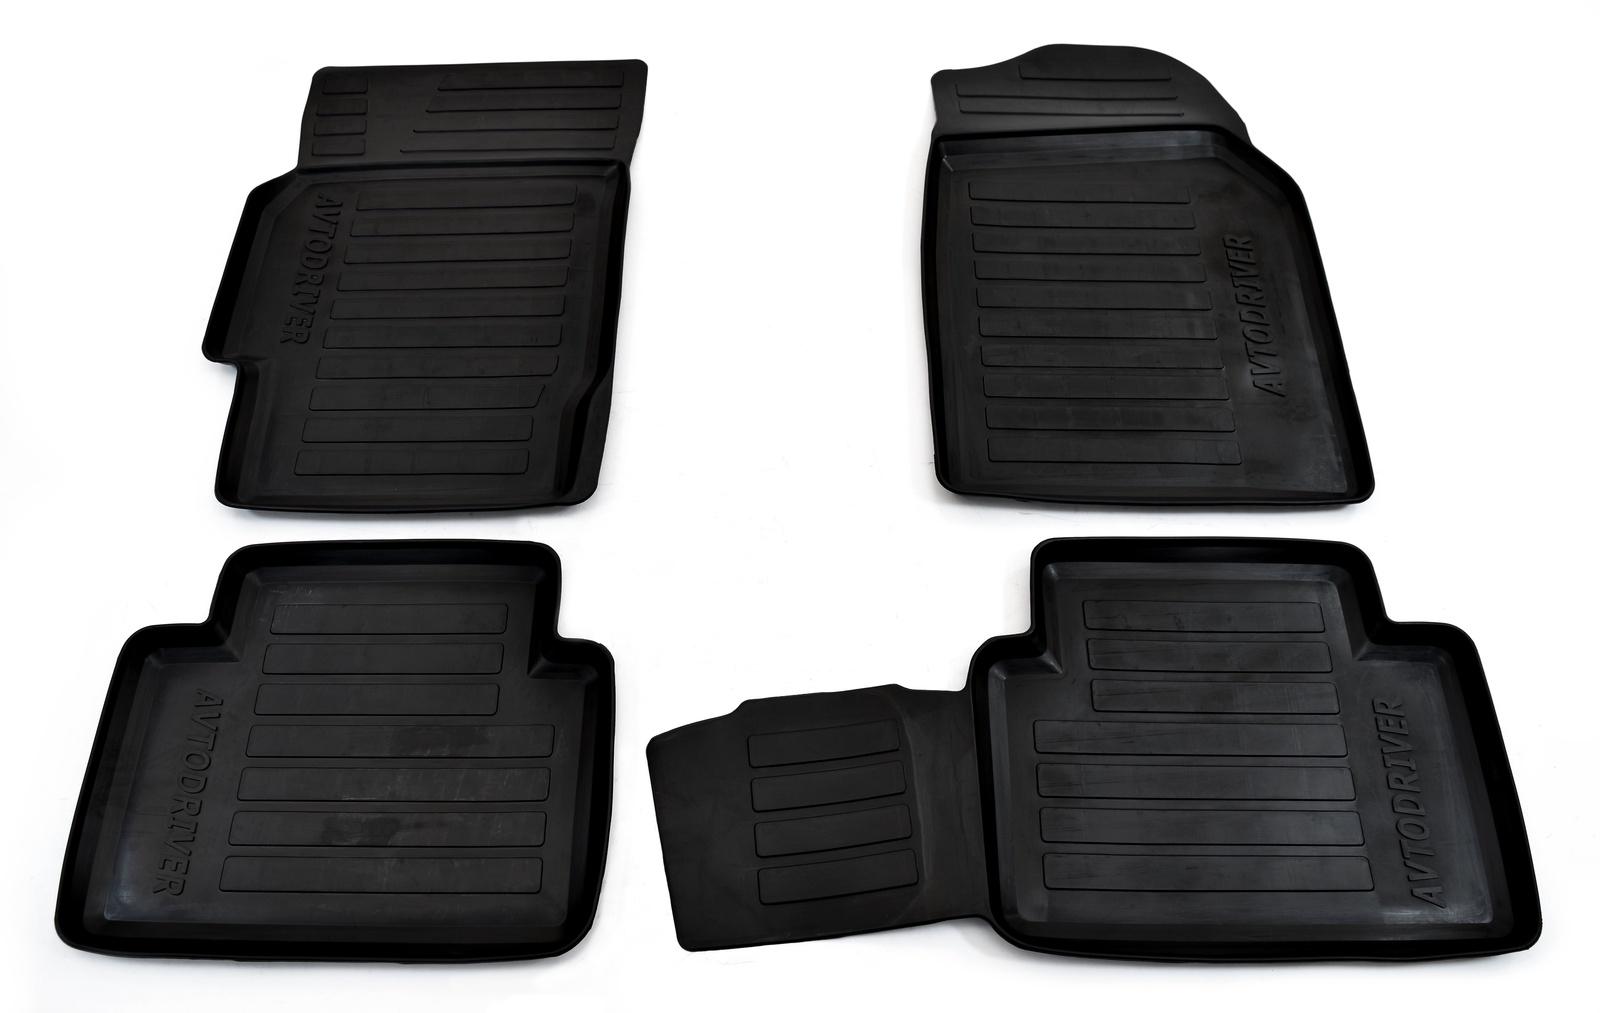 Коврики салона Avtodriver для Mazda 6 (2008-2012) ADRAVG037, резиновые, с бортиком, черный 50pcs sy7208abc sy7208ab sy7208a sy7208 sot23 6